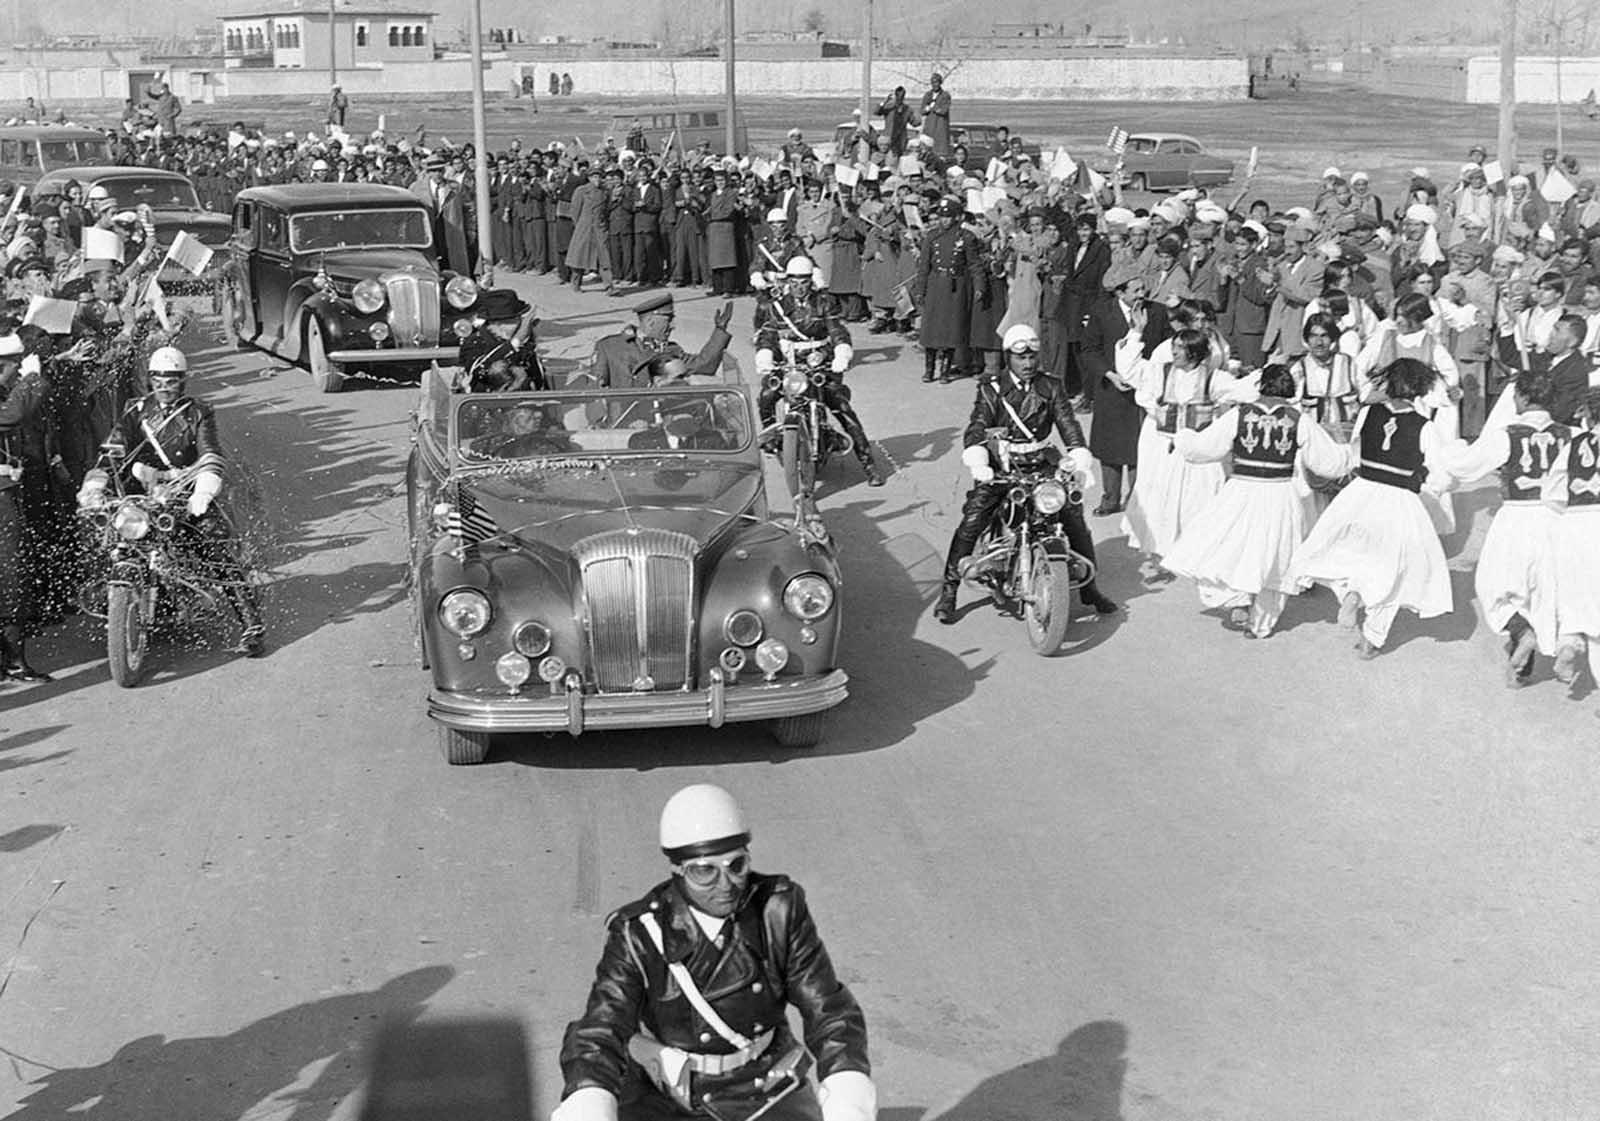 Los bailarines se presentan en la calle de Kabul, Afganistán, el 9 de diciembre de 1959, luego de la llegada del presidente Eisenhower desde Karachi. Después de una estancia de cinco horas en Kabul, Ike voló a Nueva Delhi.